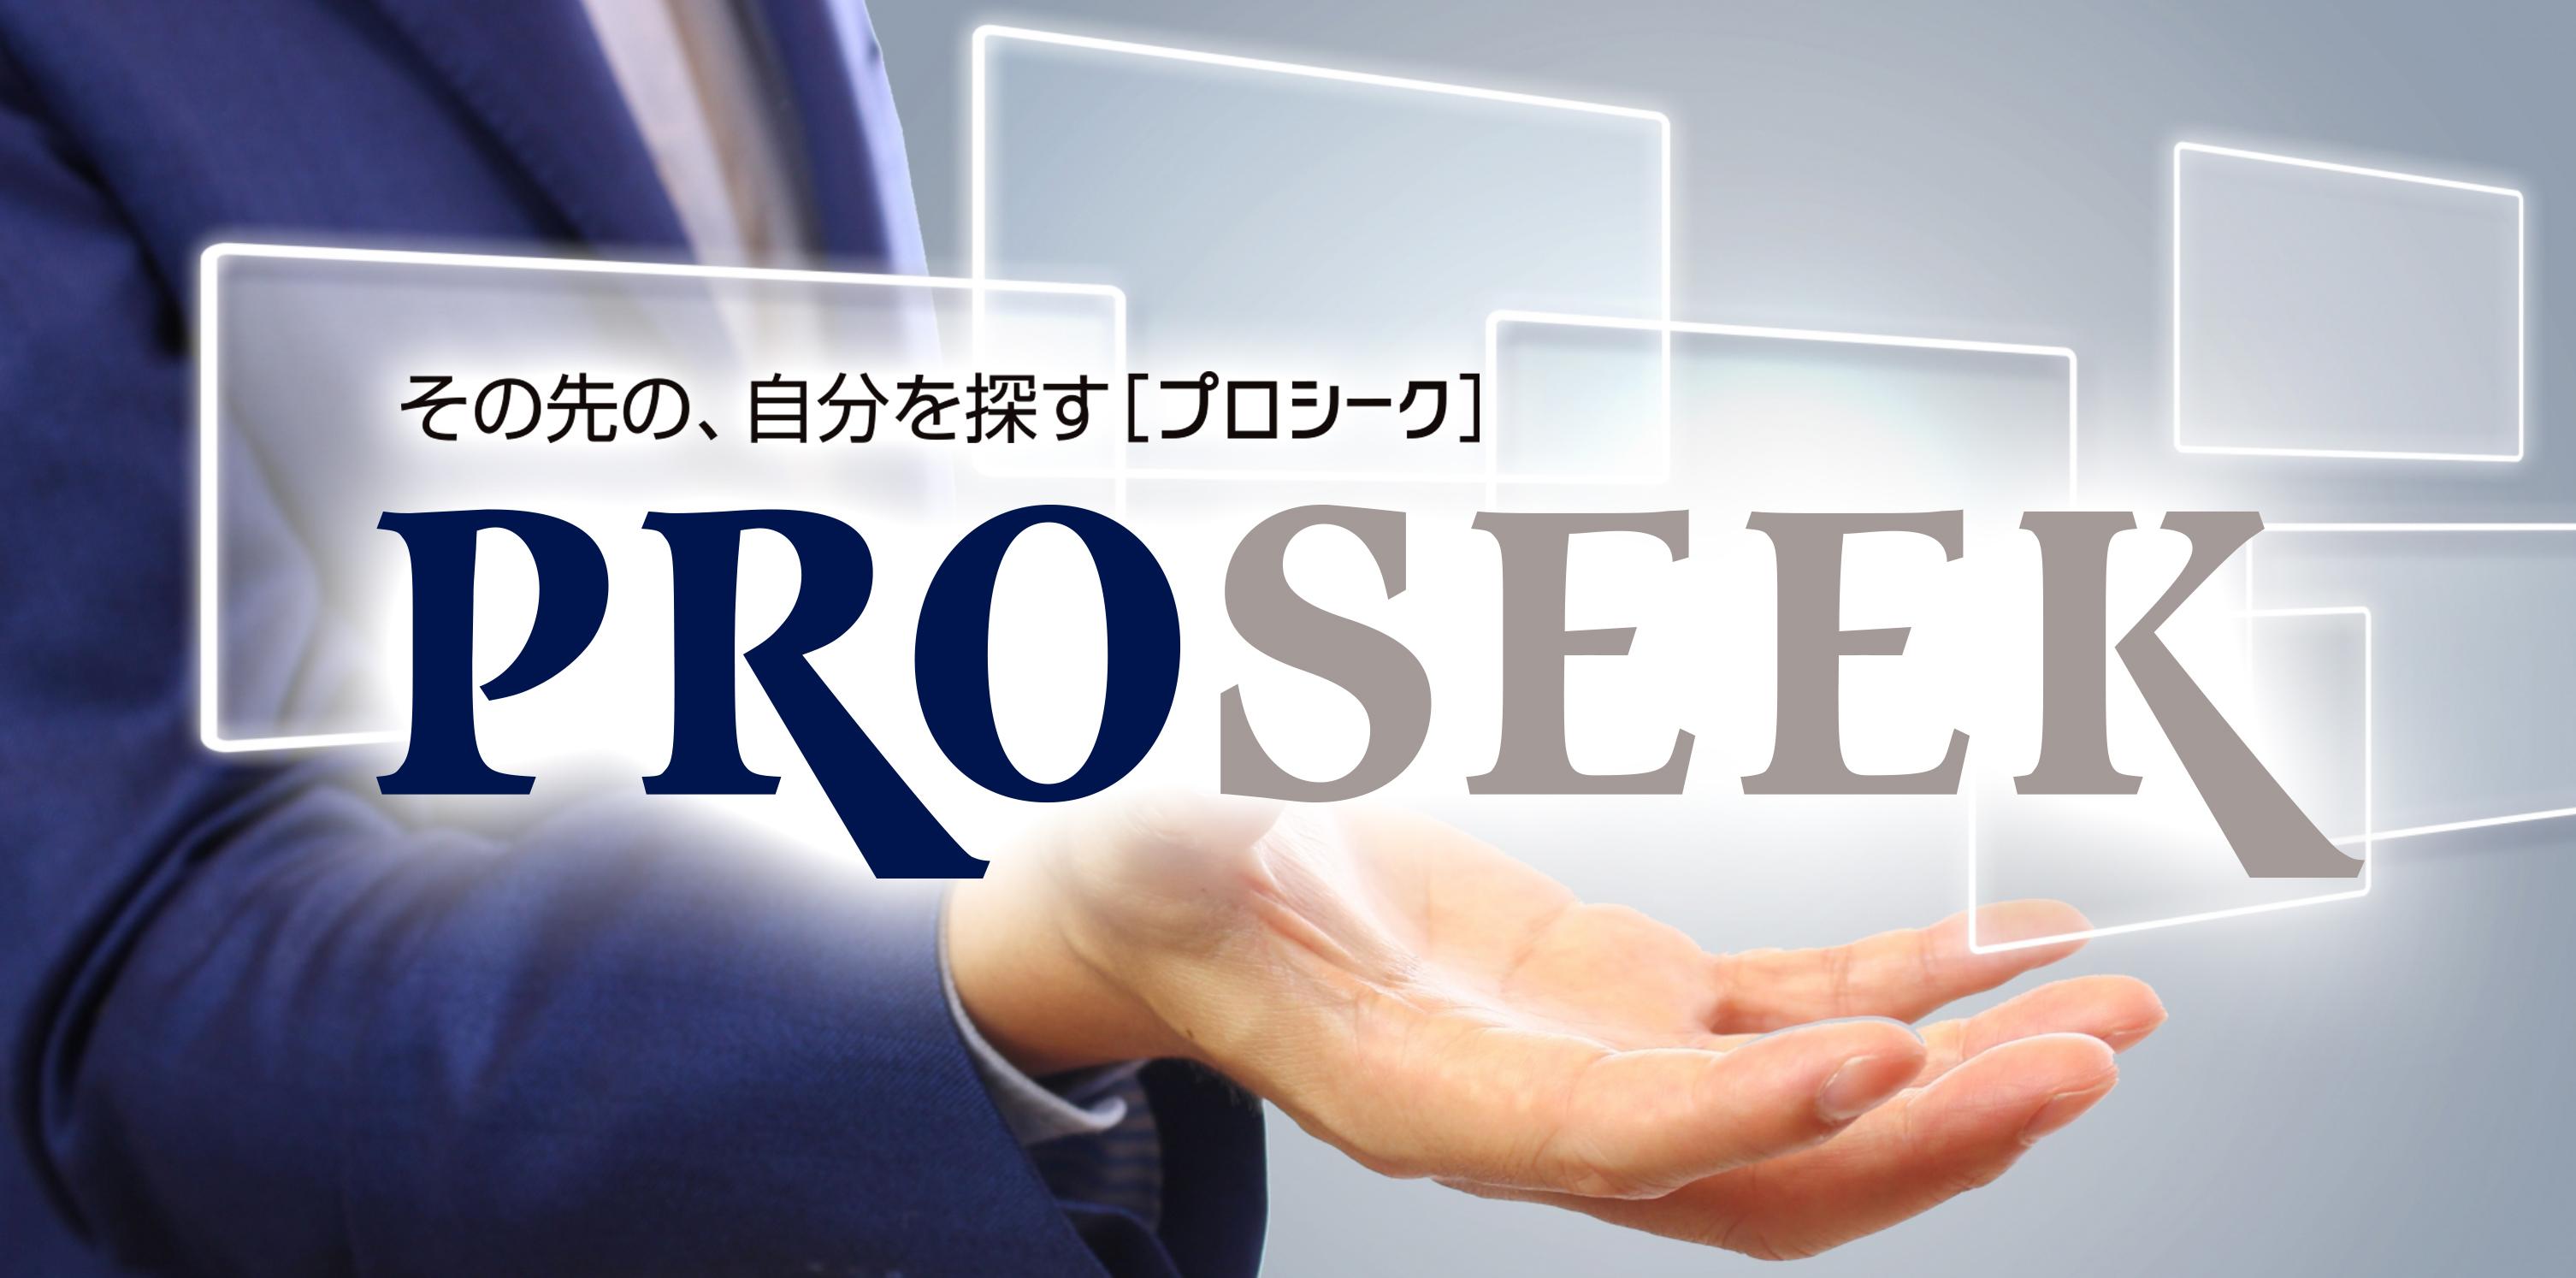 proseek_ph2